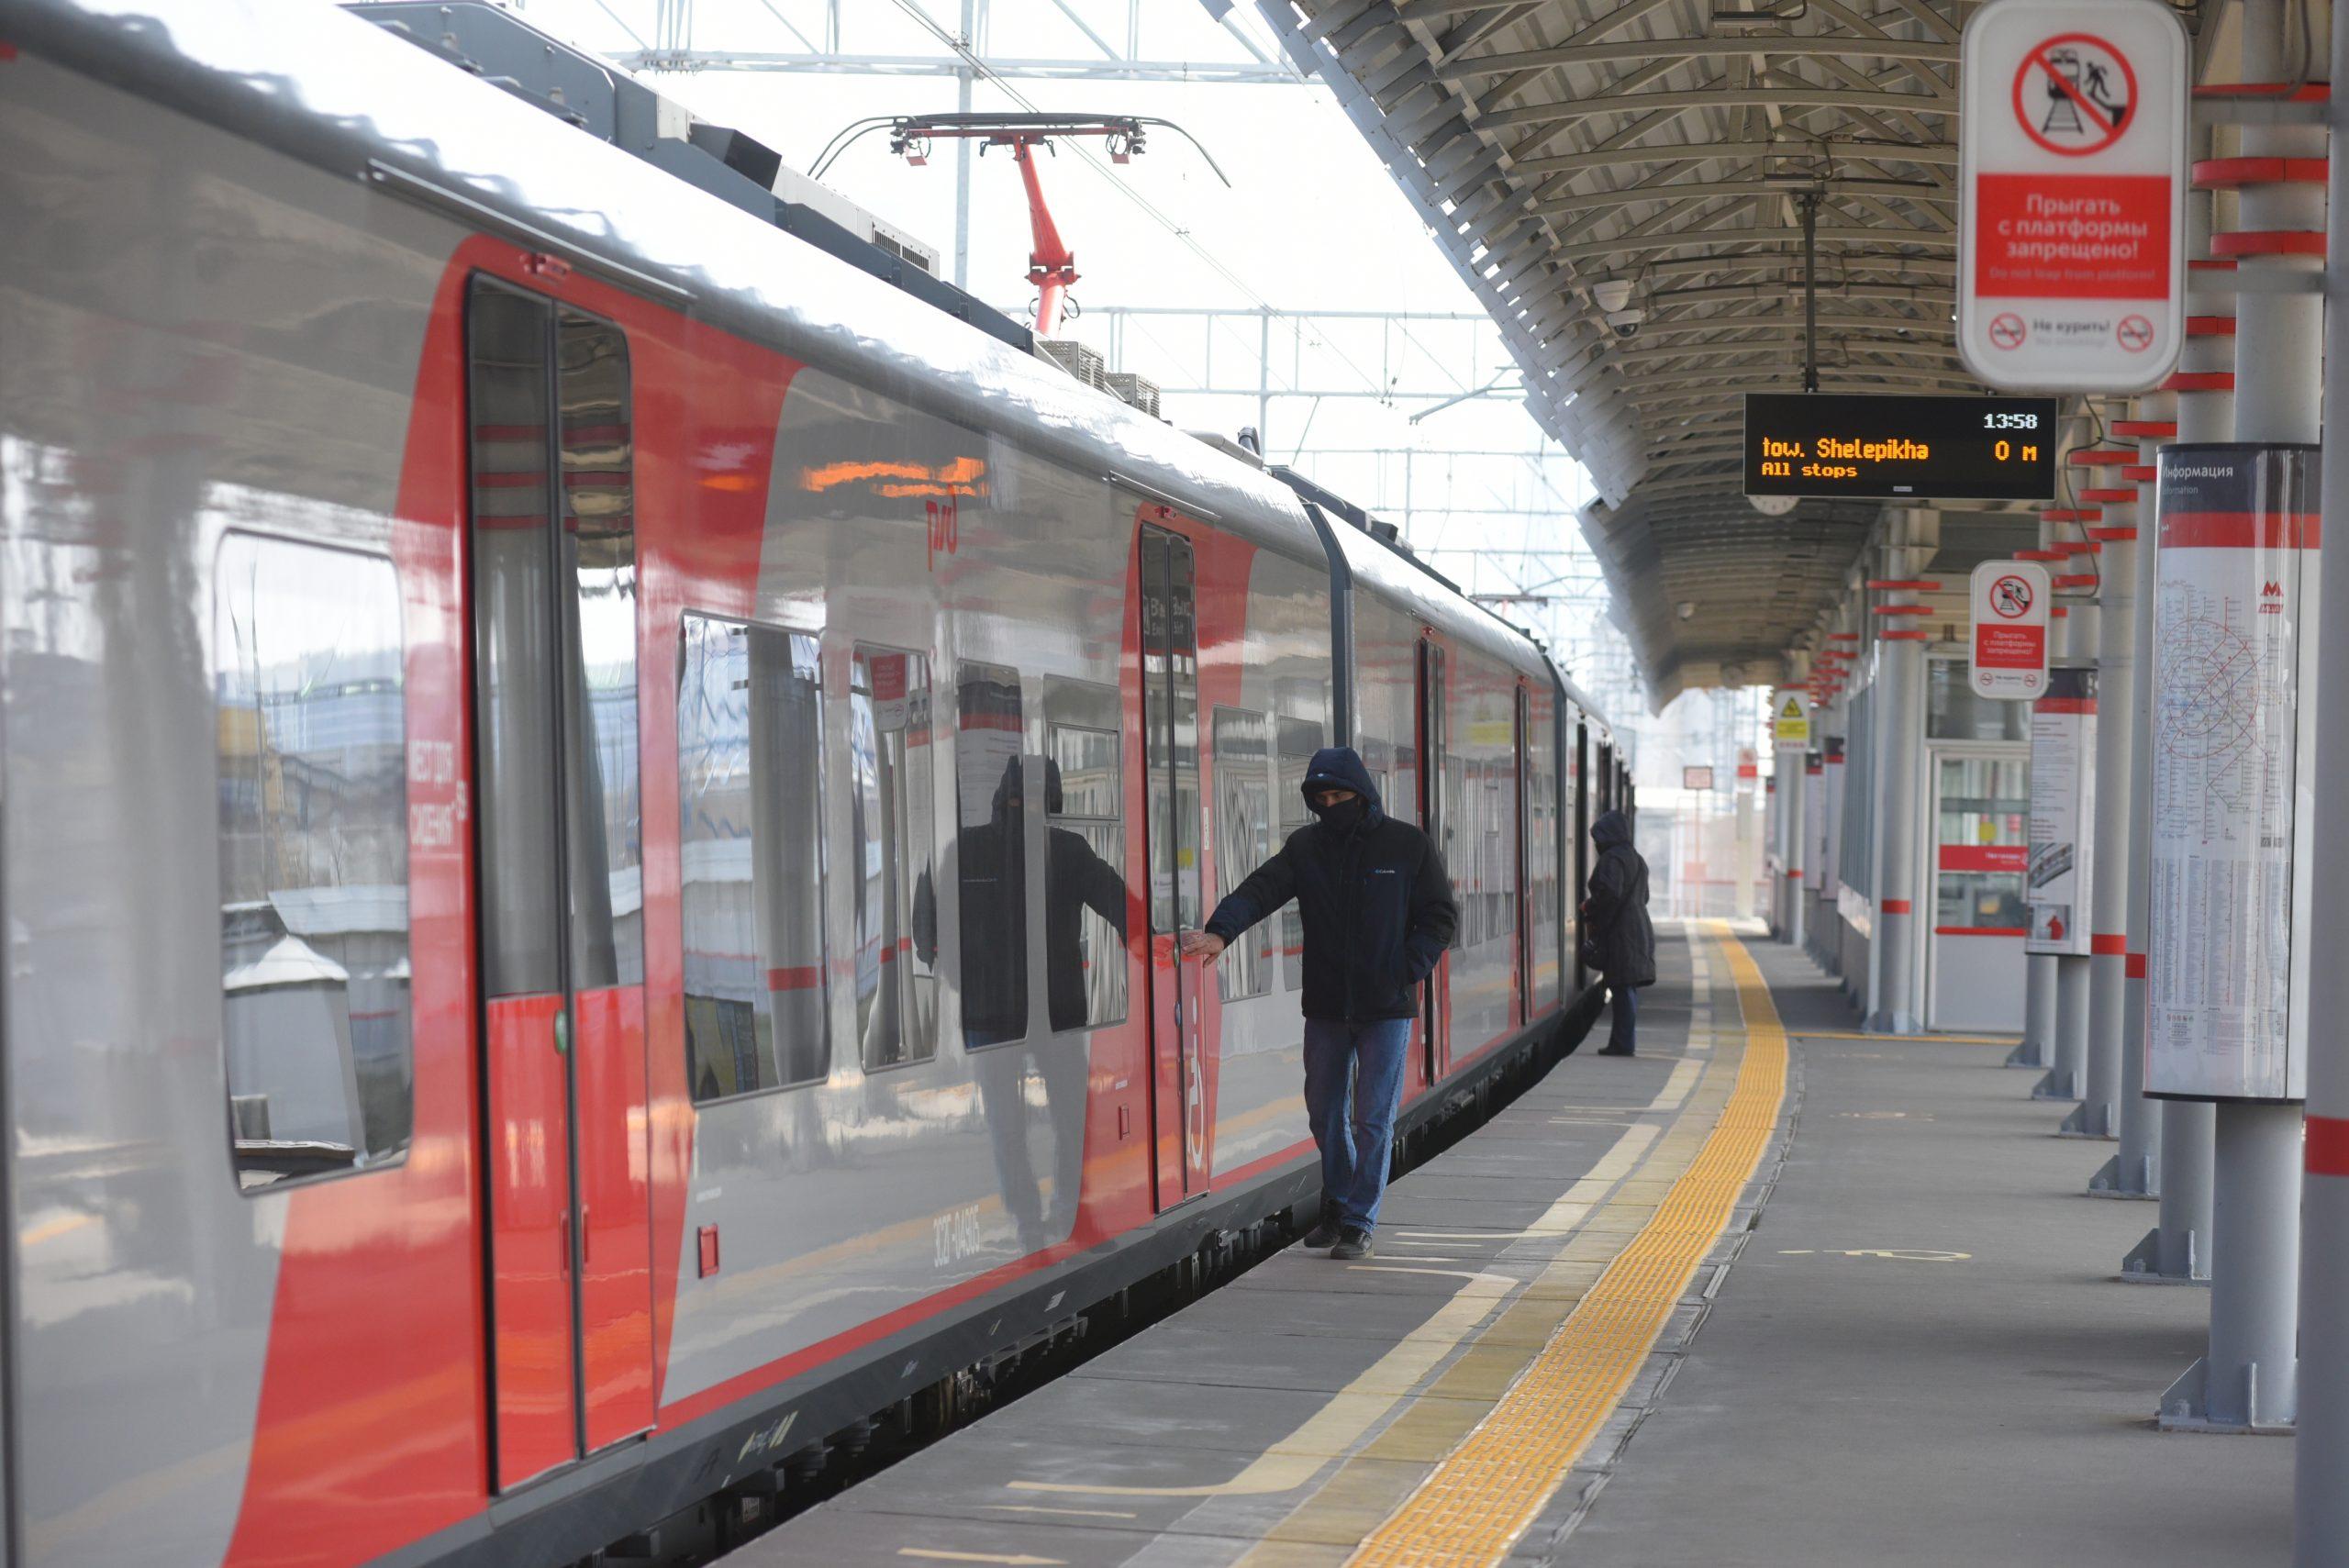 Ежедневный пассажиропоток МЦК превысил 500 тысяч поездок в 2021 году